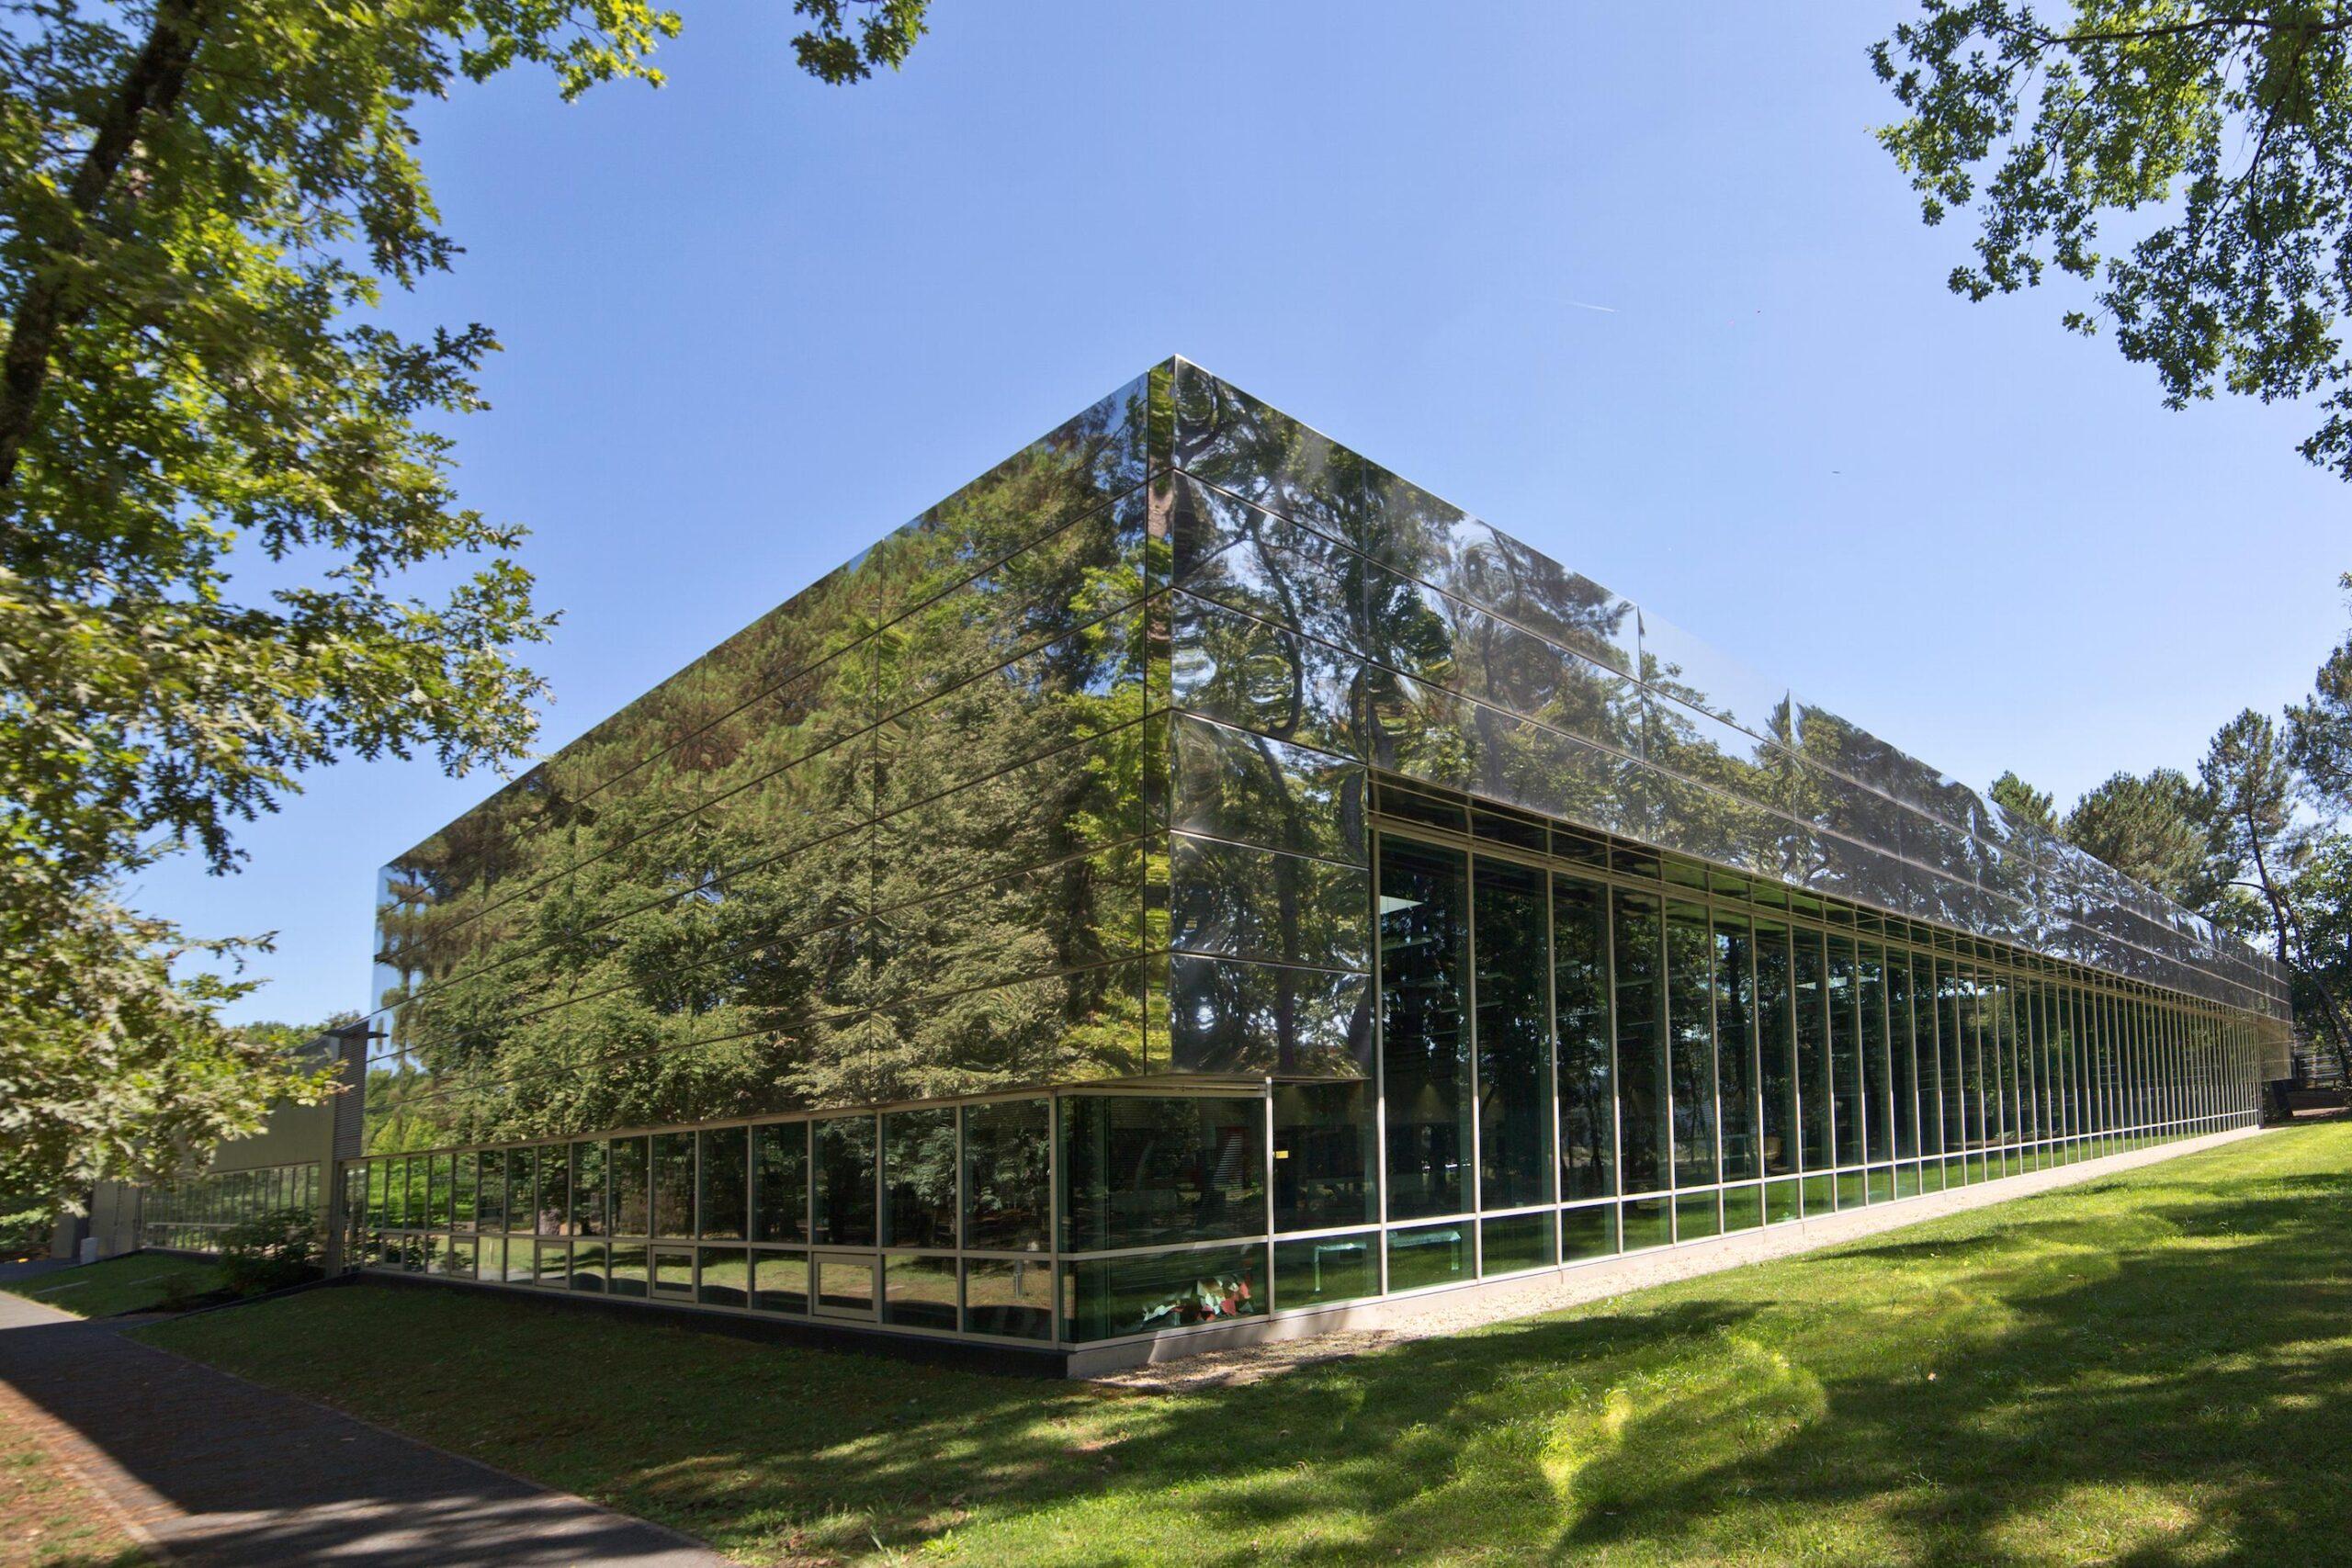 IATC-Sede de Lectra en Burdeos (Francia)